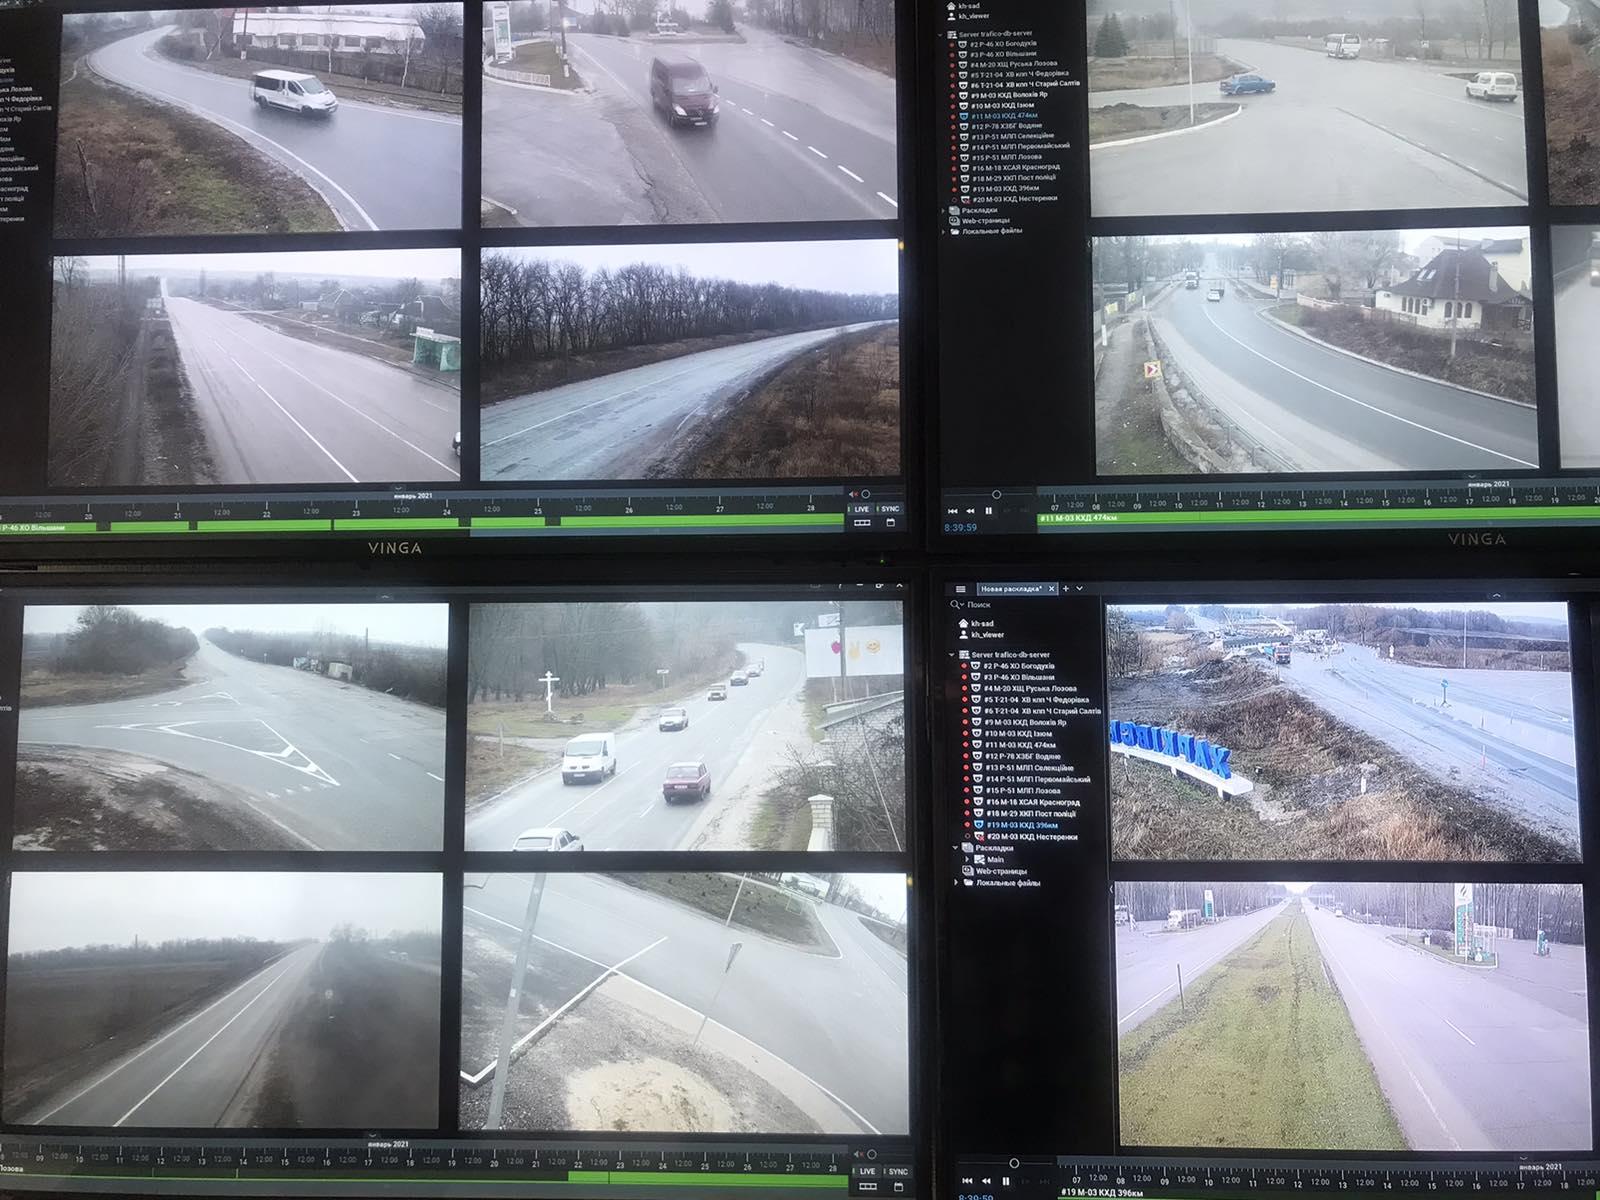 Ситуация на дорогах Харьковщины: покрытие скользкое и мокрое (фото)